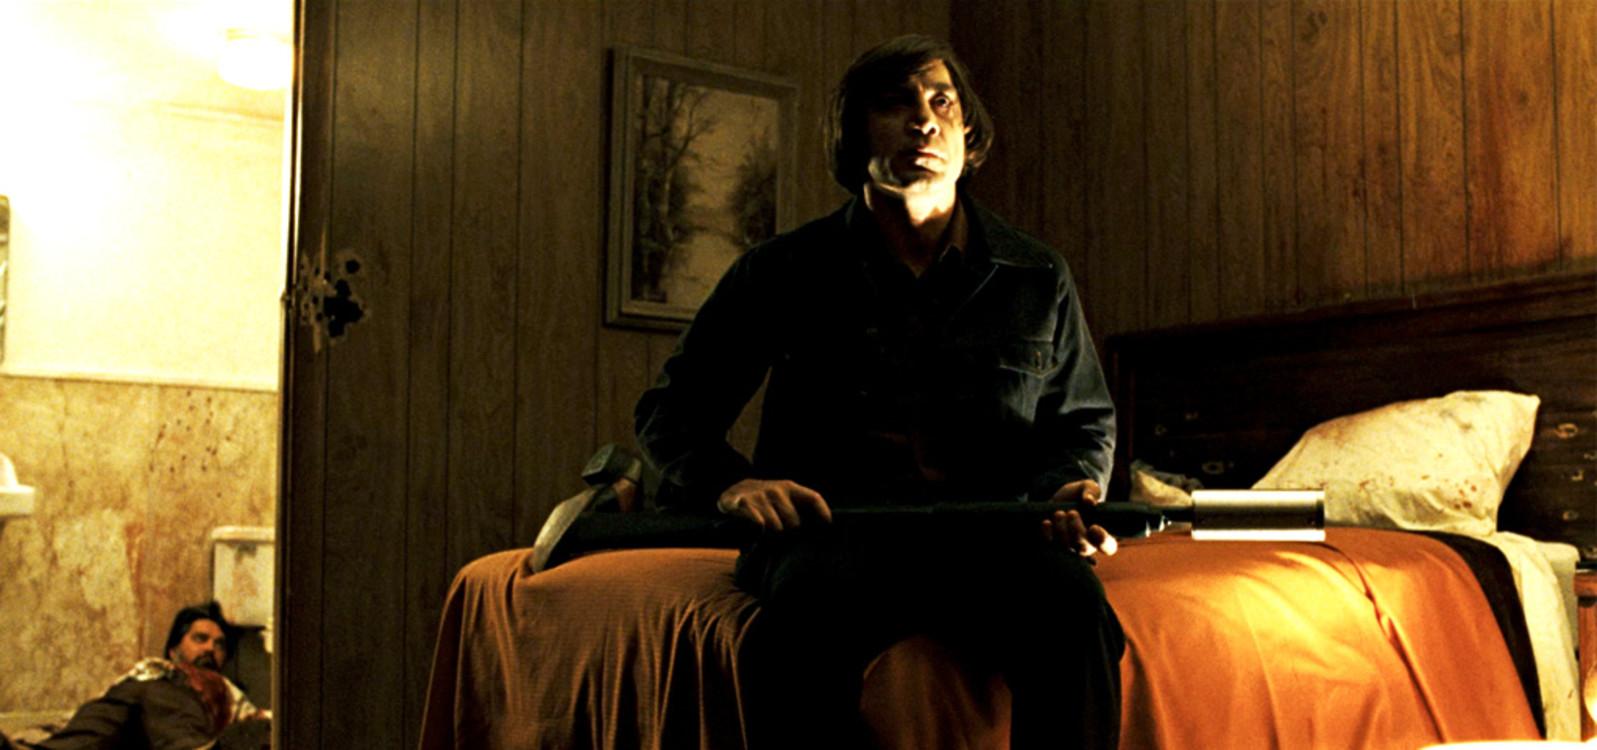 Гав'єр Бардем у фільмі «Старим тут не місце», 2007